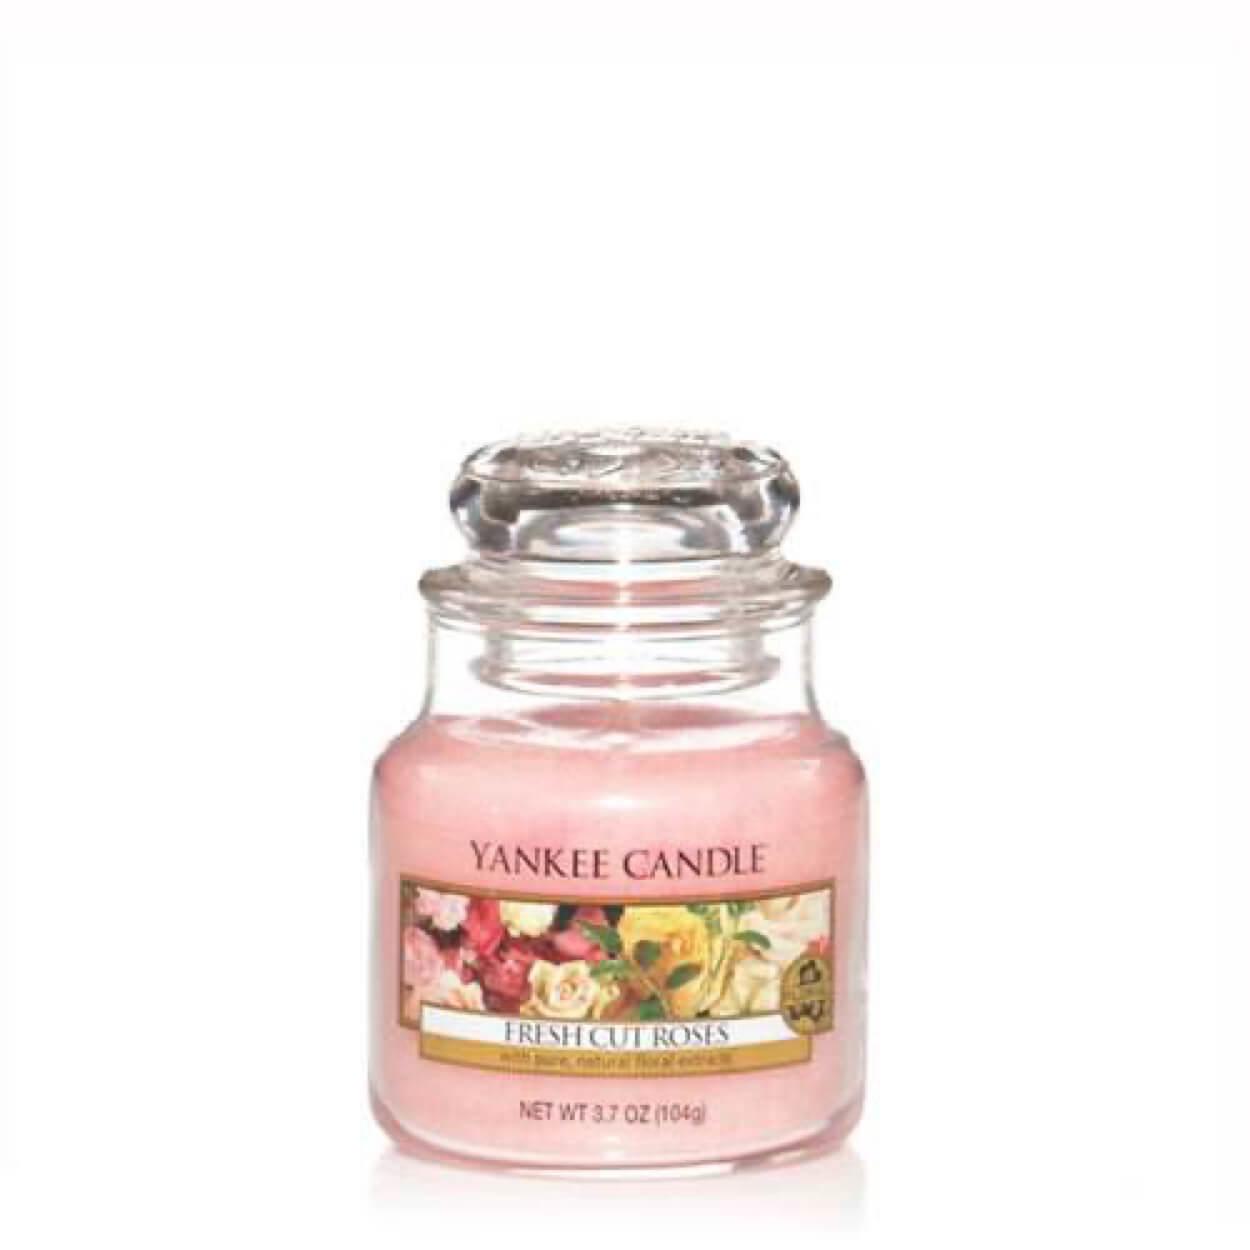 Fresh Cut roses Small Jar